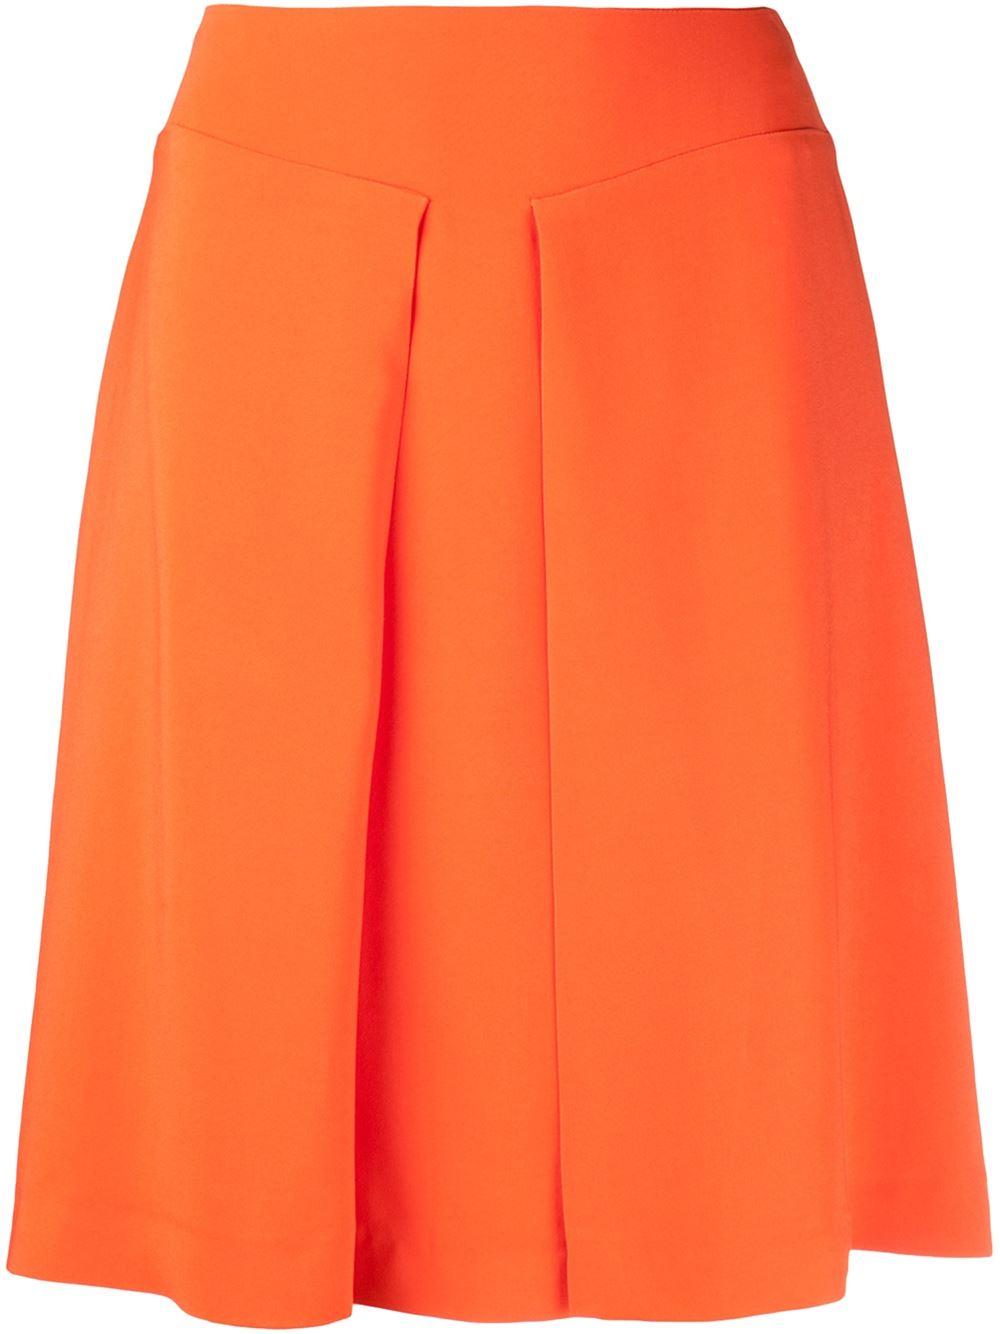 Orange a-line skirt from Rochas